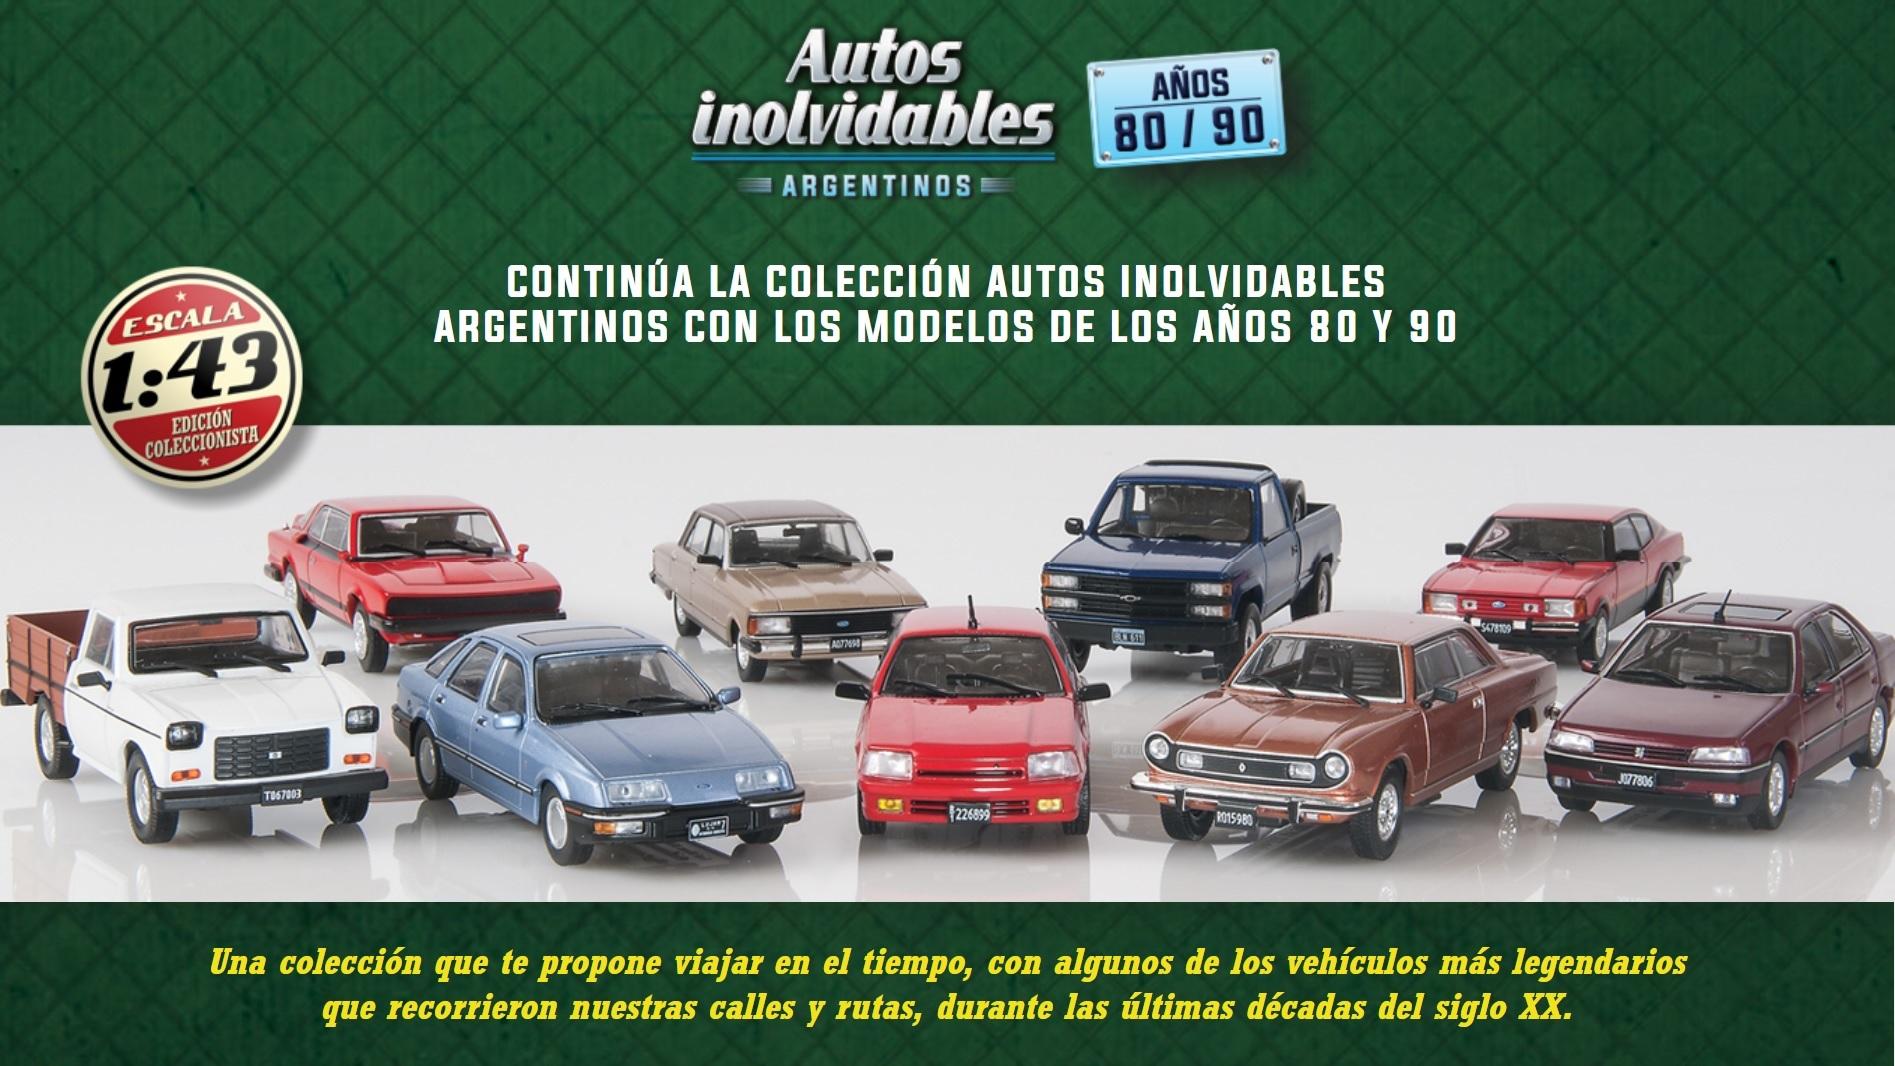 Colección Autos inolvidables argentinos 80 90 salvat